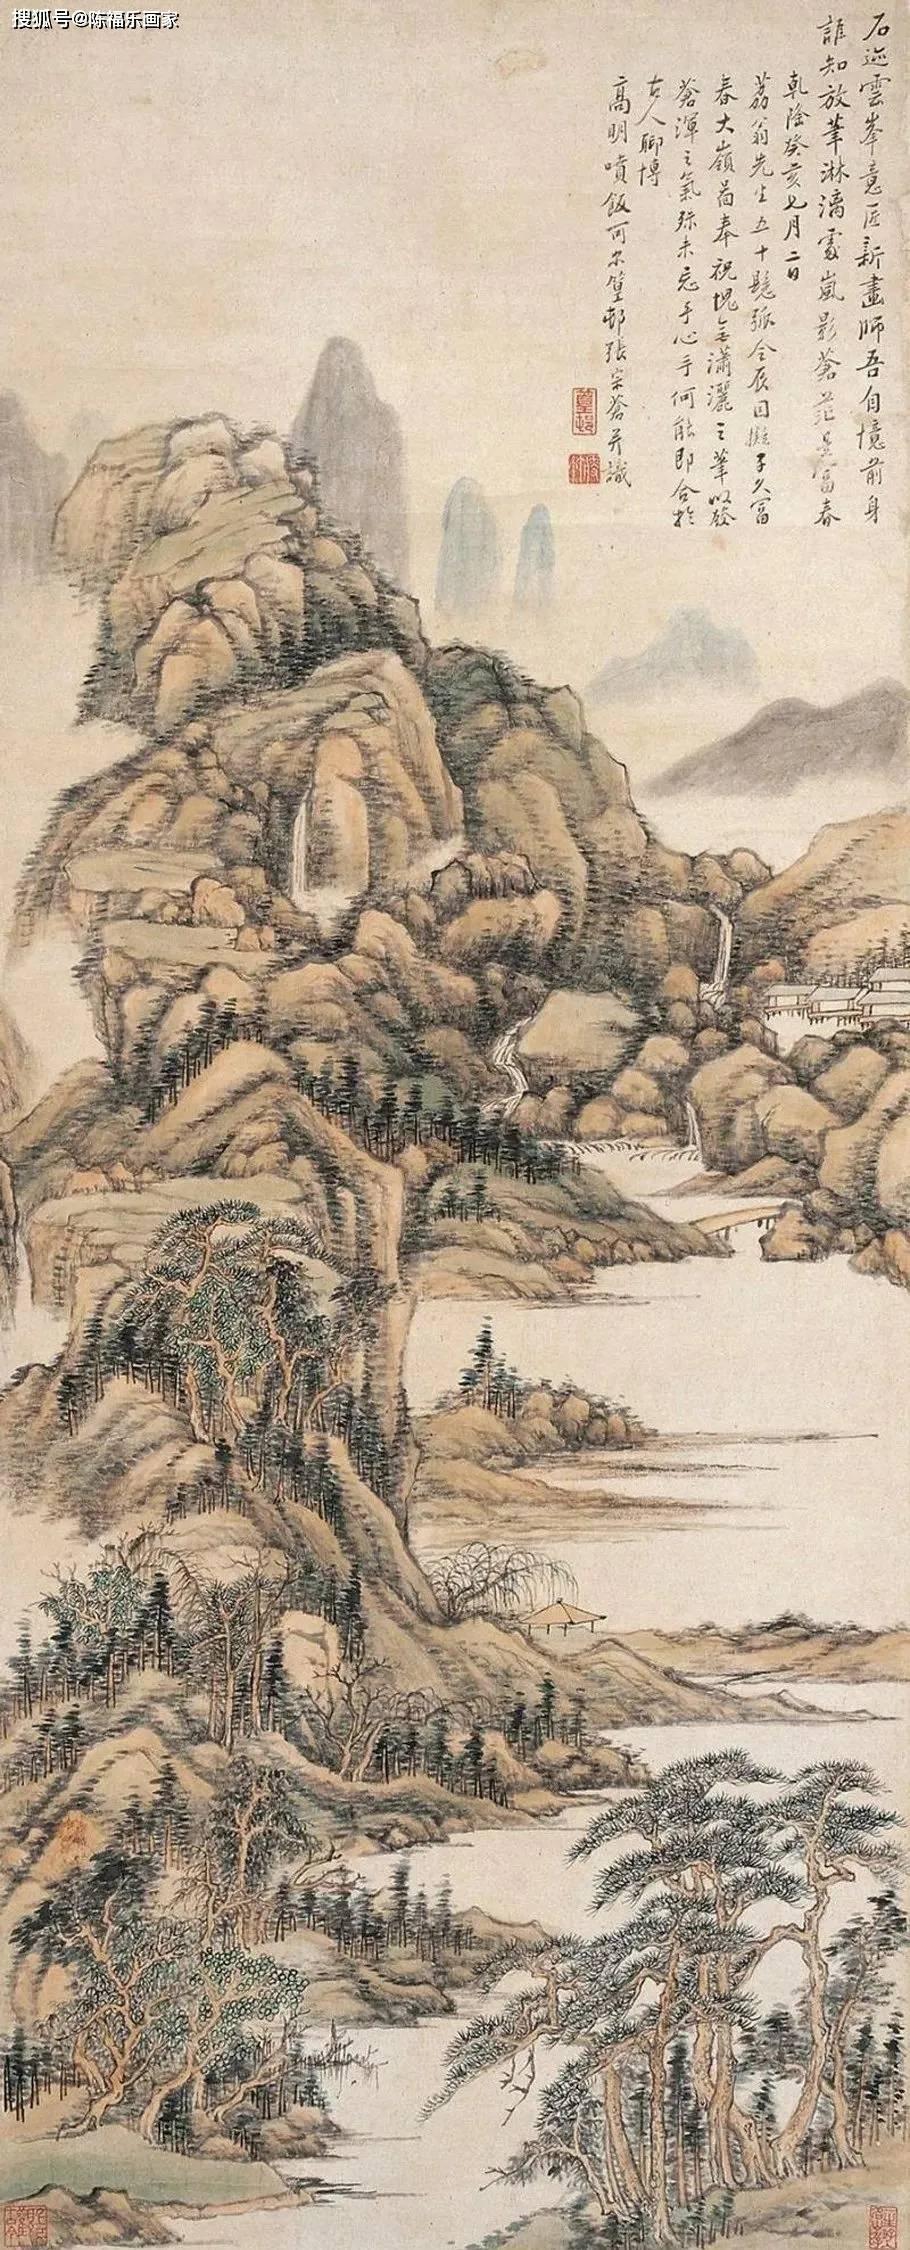 清代宫廷画家张宗苍山水画笔笔蕴含春的气息,清冷又迷人!